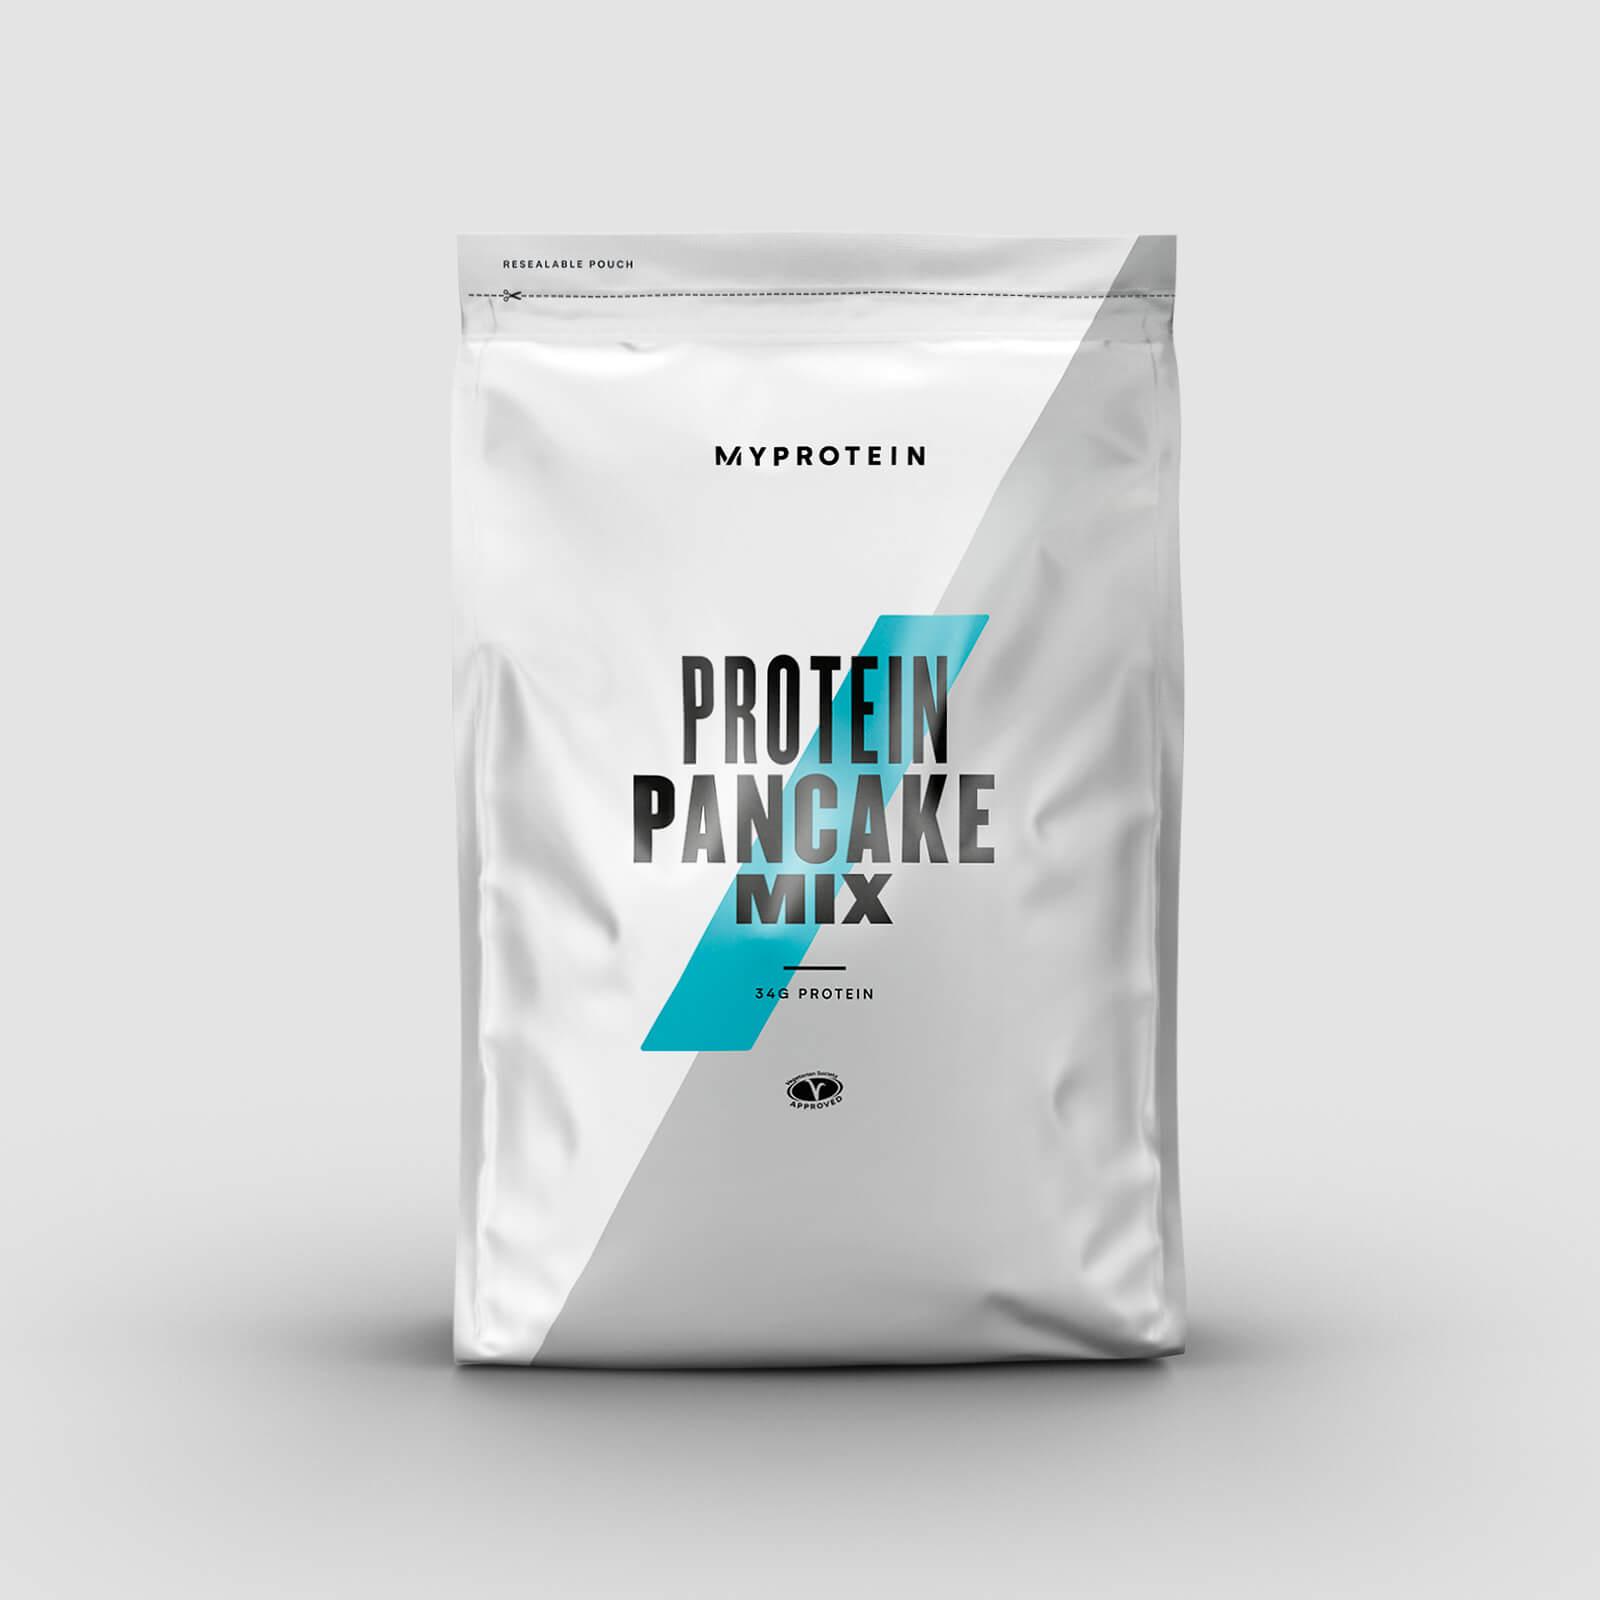 Myprotein Préparation Pancake Protéiné - 200g - Sirop d'érable